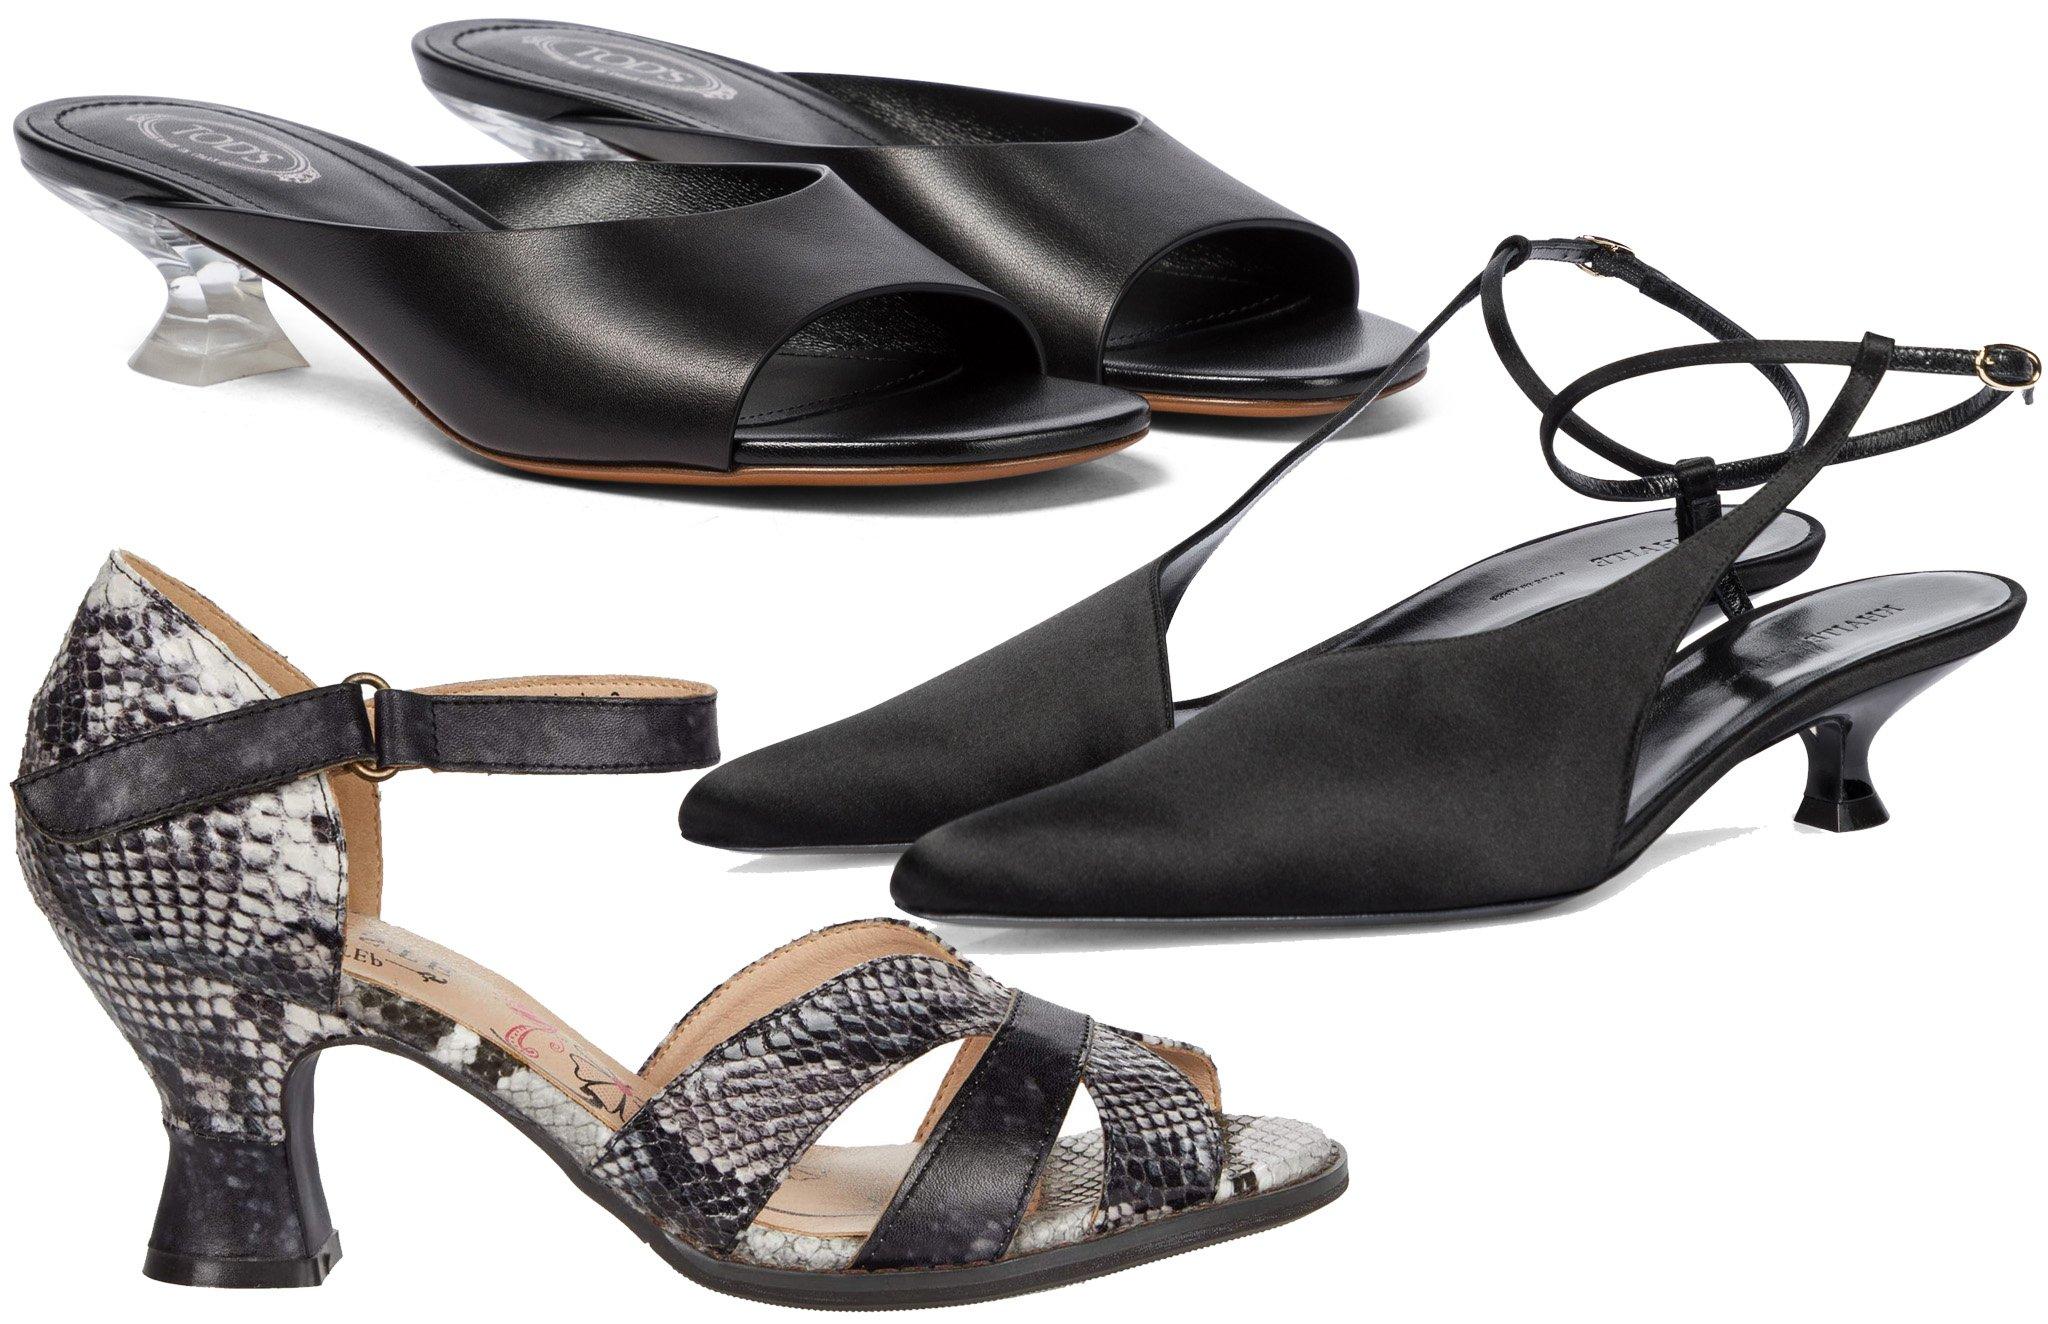 French heels are the block heel version of kitten heels